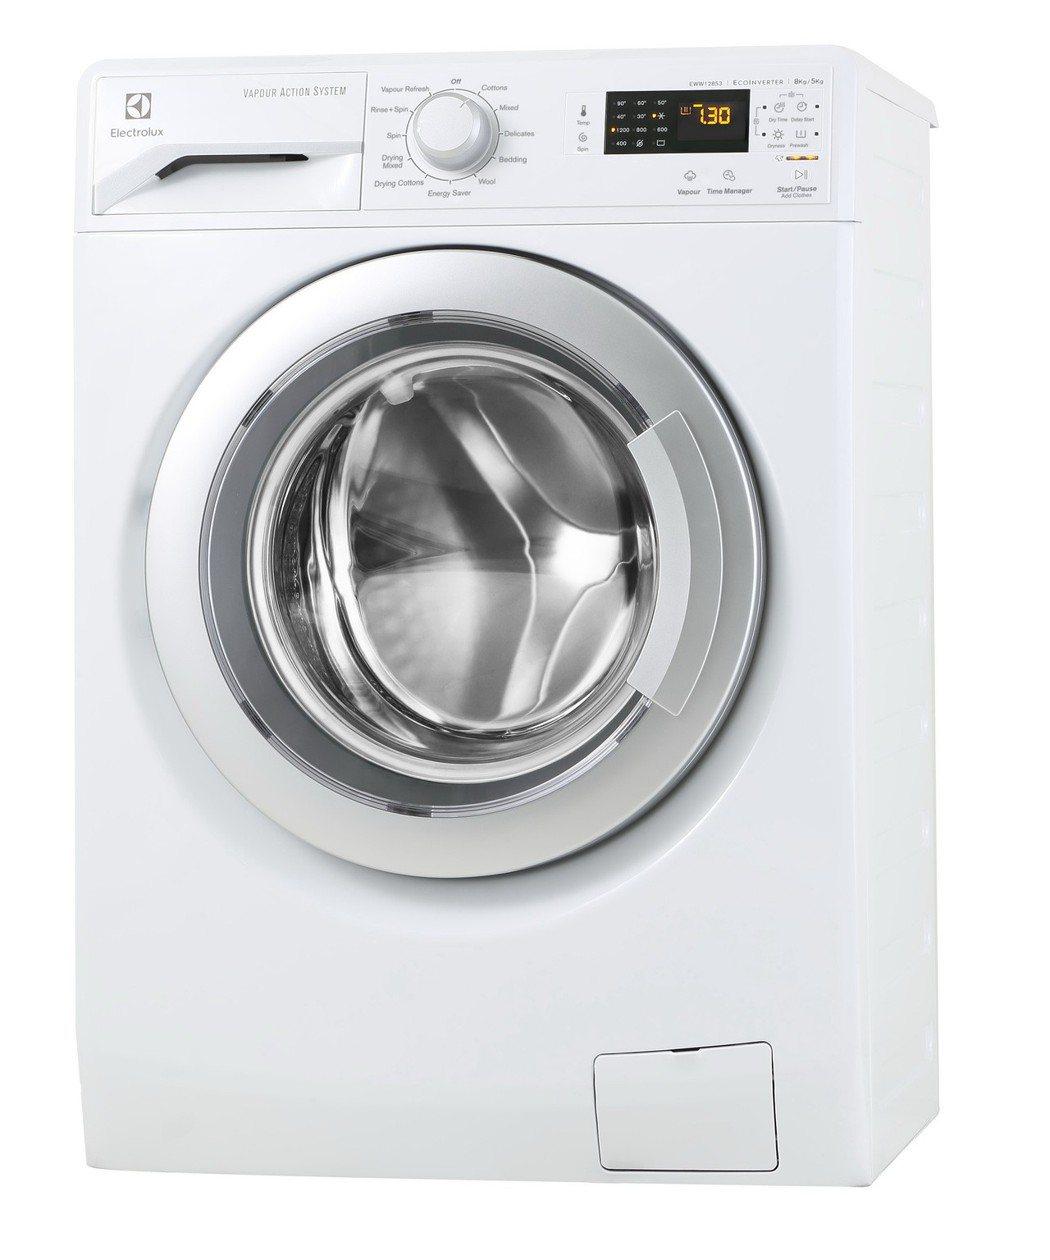 伊萊克斯「洗脫烘衣機」。 台灣櫻花/提供